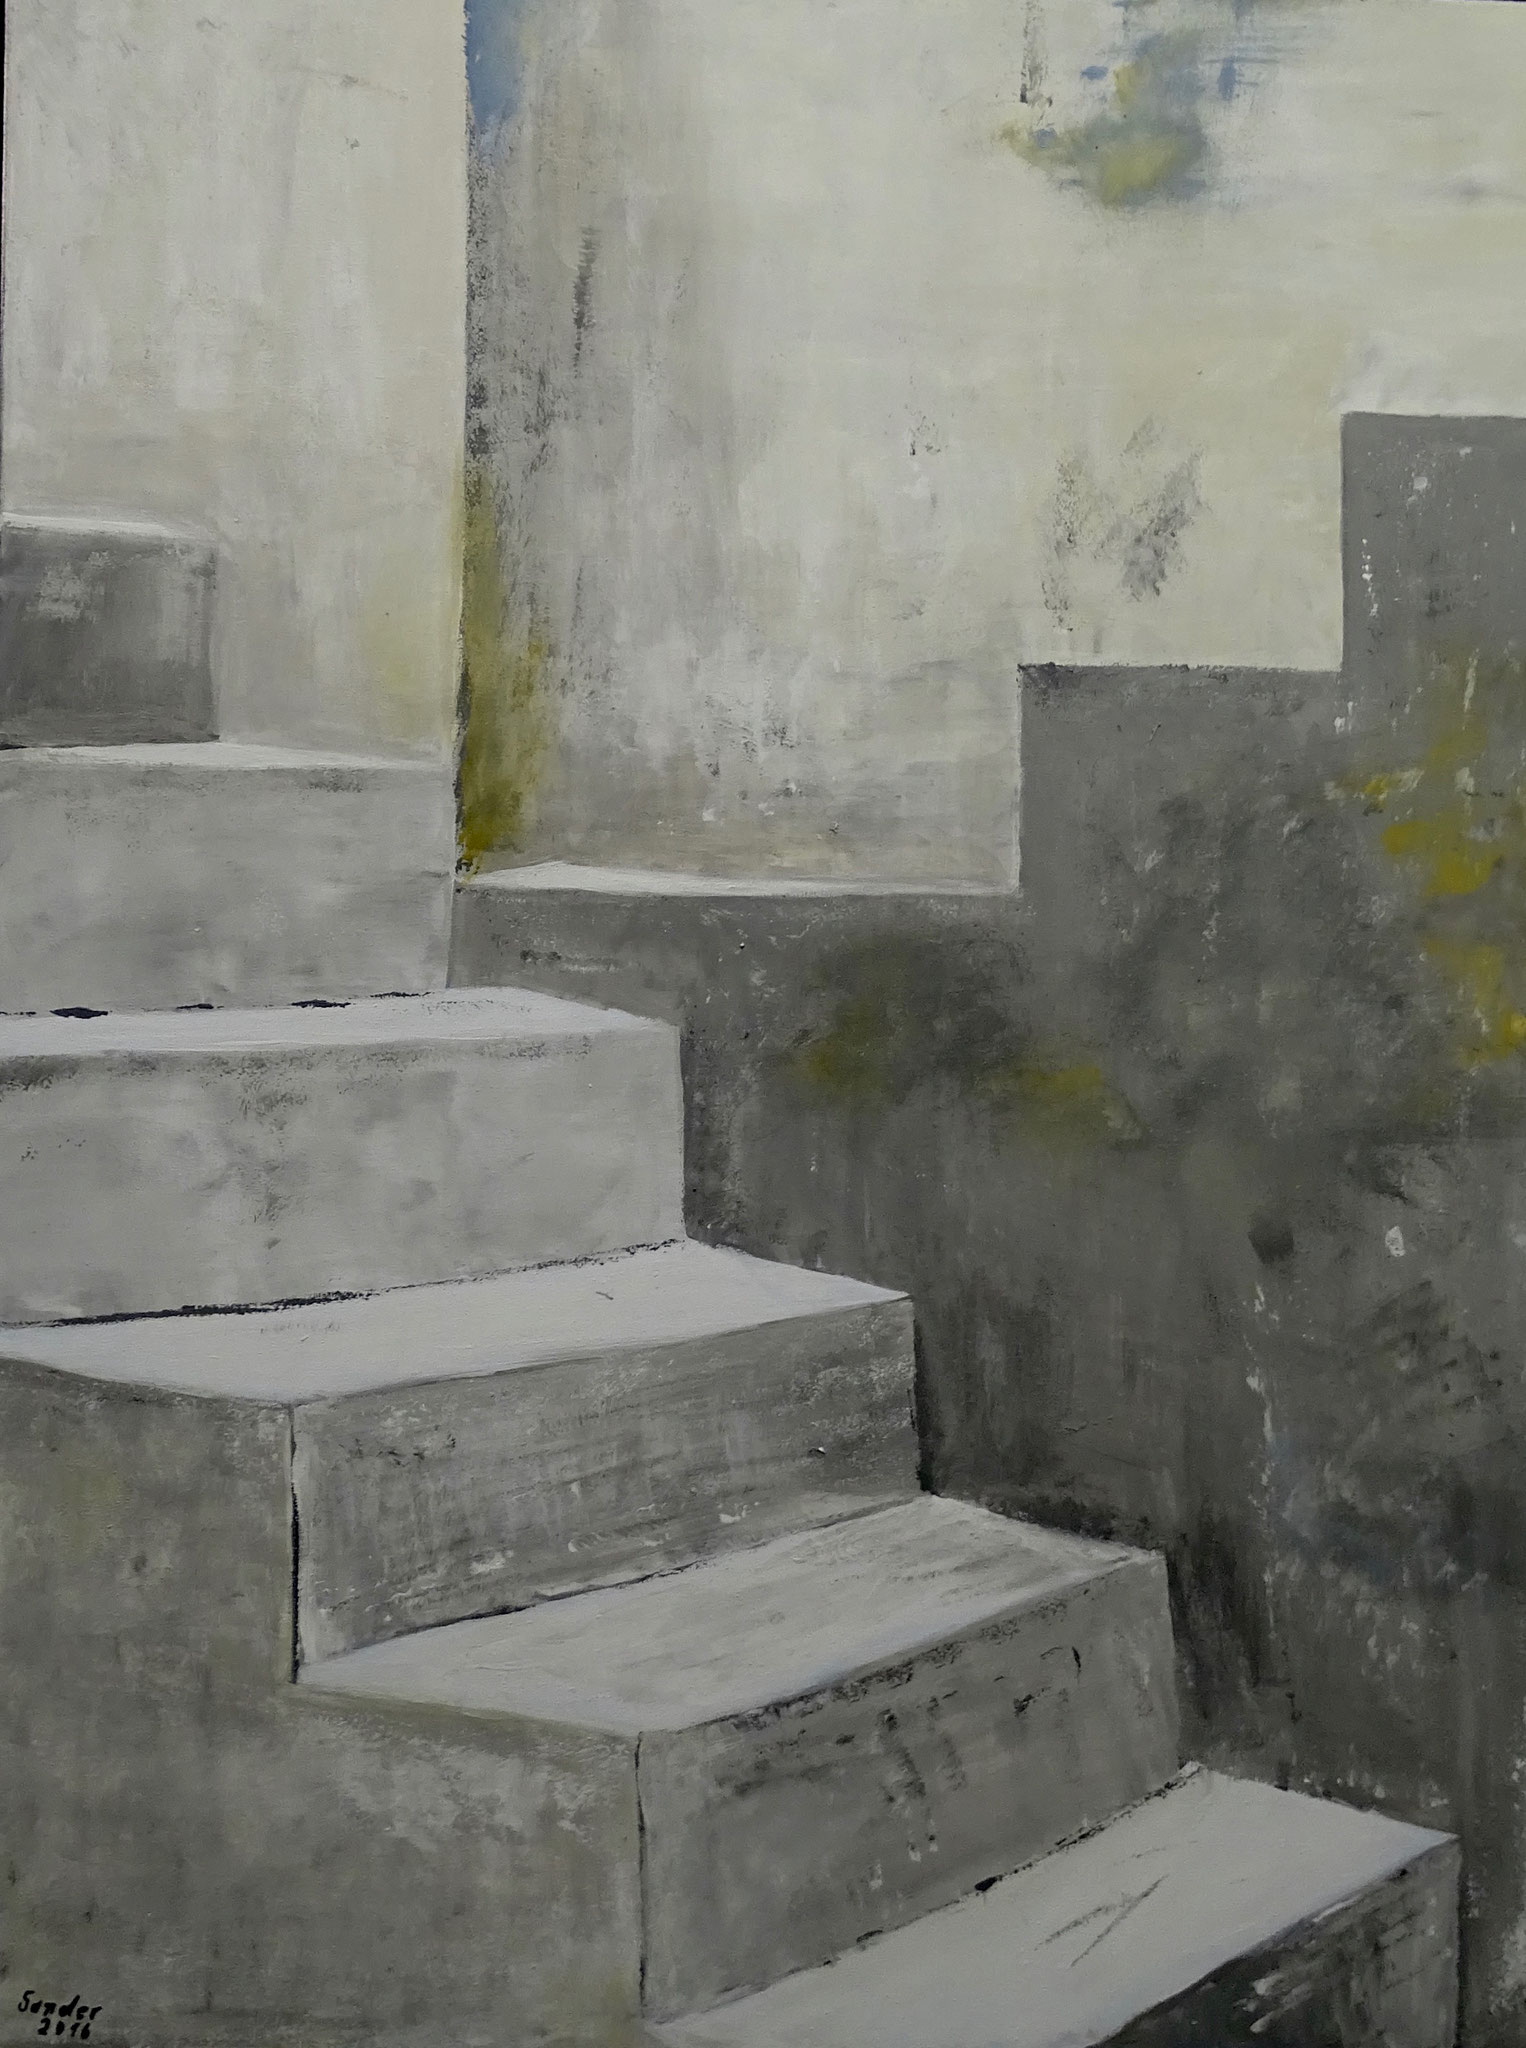 Stufen, 80 x 60 cm, Acrylfarben auf Keilrahmen, signiert und datiert 2016